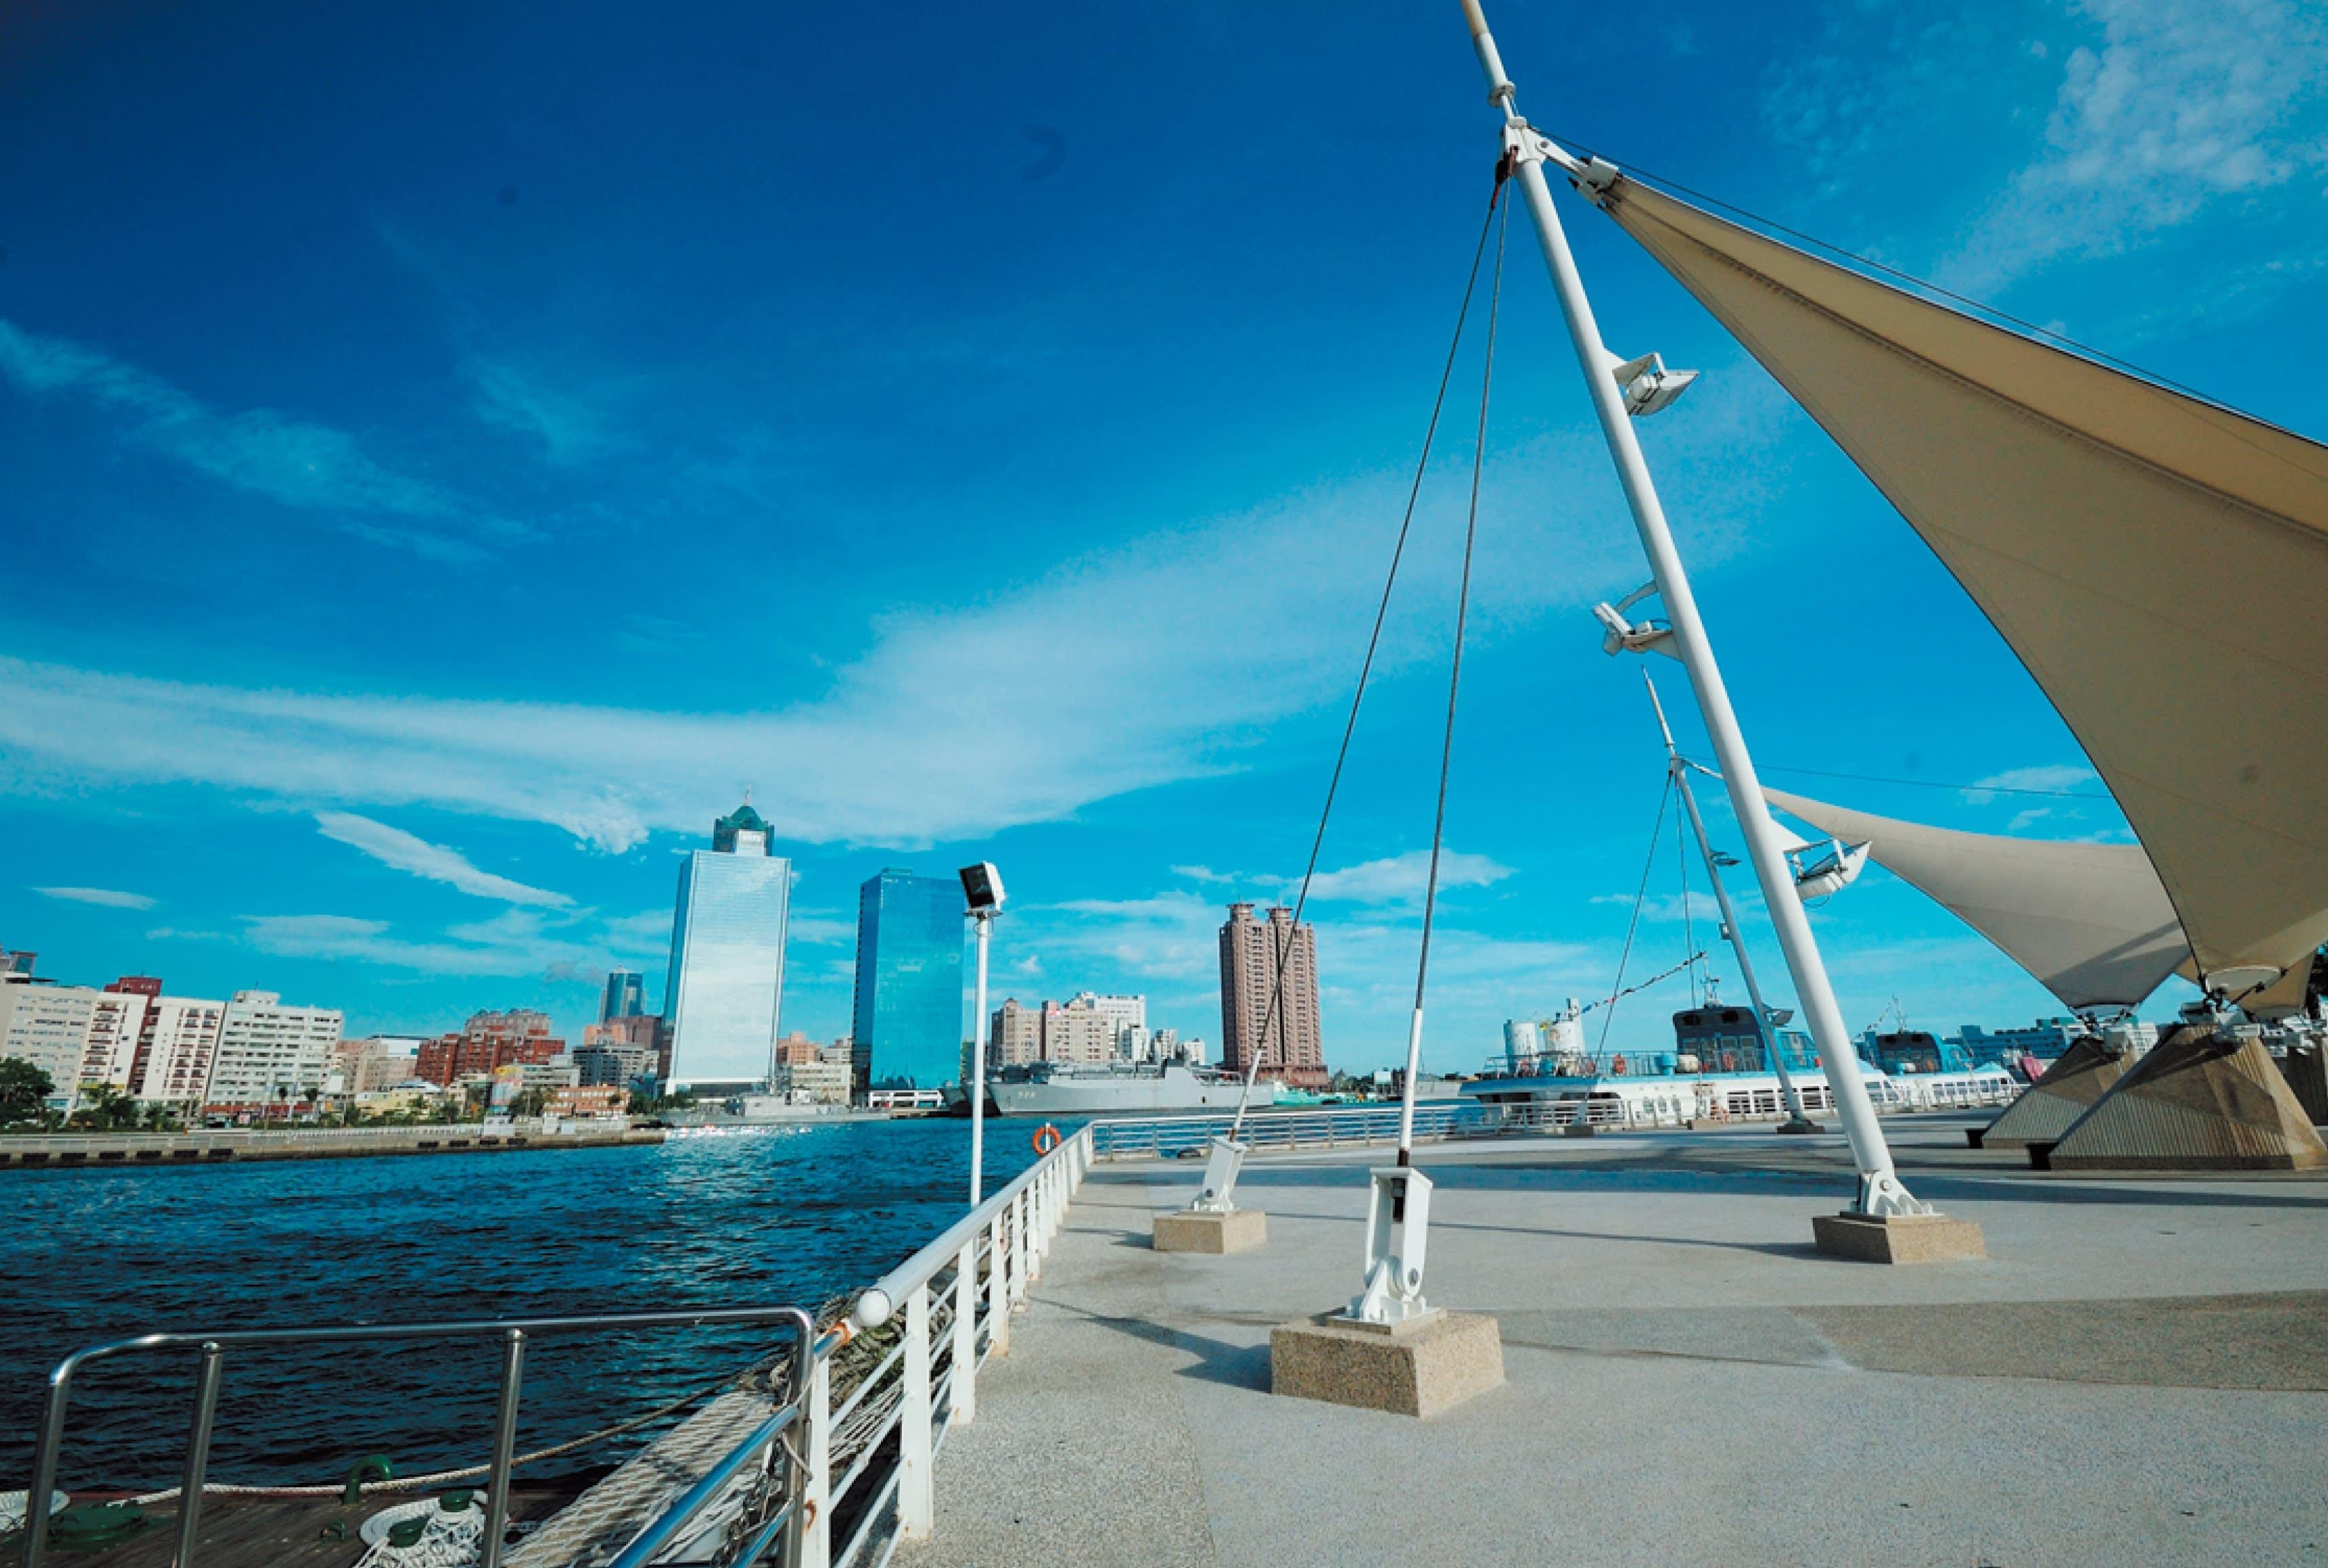 高雄是一座濱海的美麗城市,也有「港都」之別稱。(圖片來源/旅遊臺灣網站)